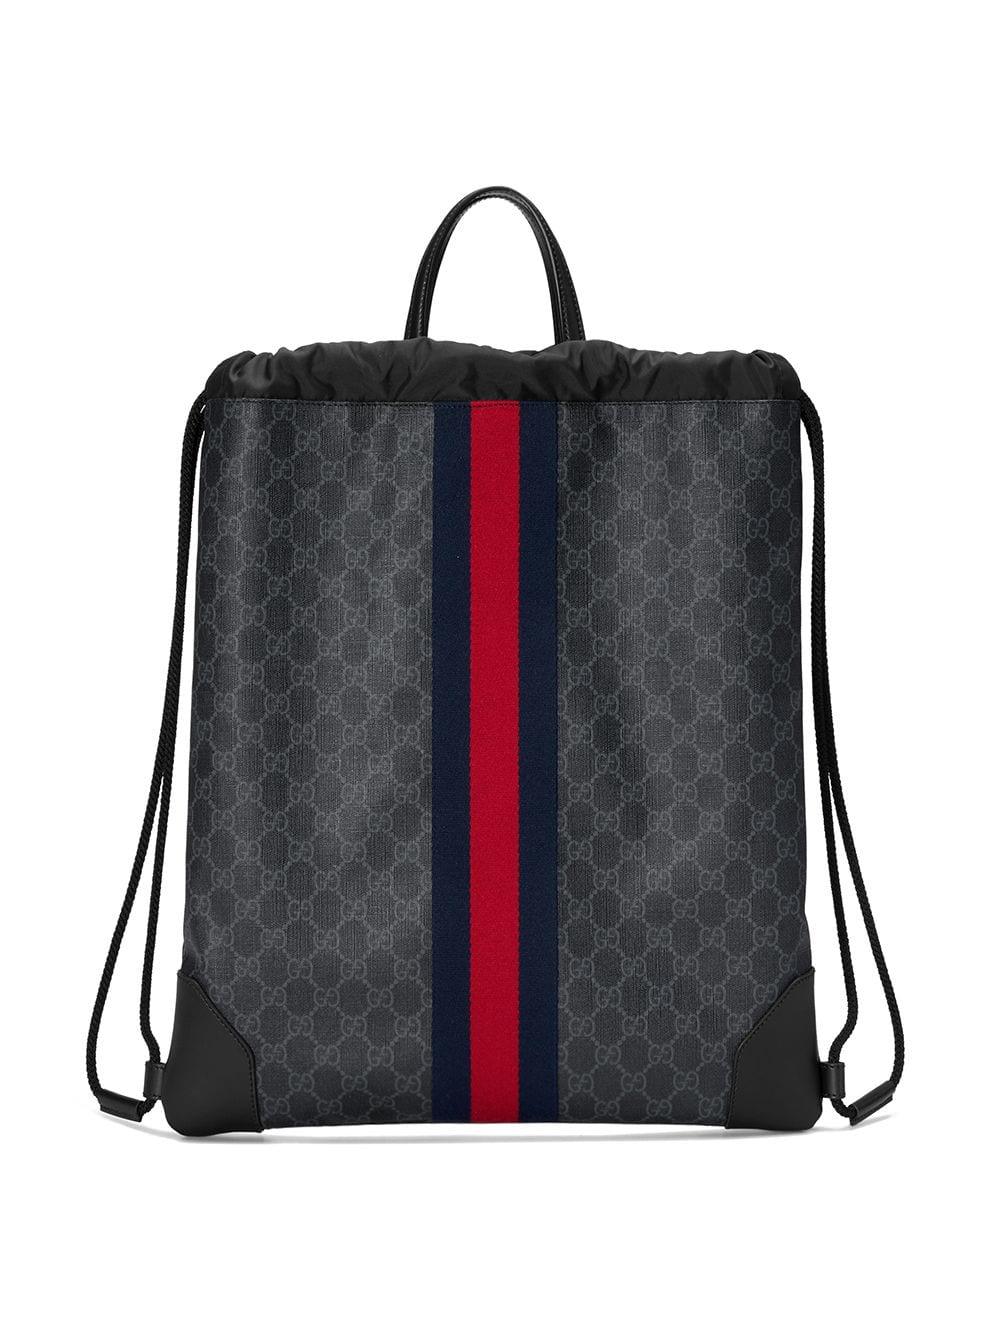 Gucci 'GG Supreme' Rucksack mit Kordelzug - Schwarz